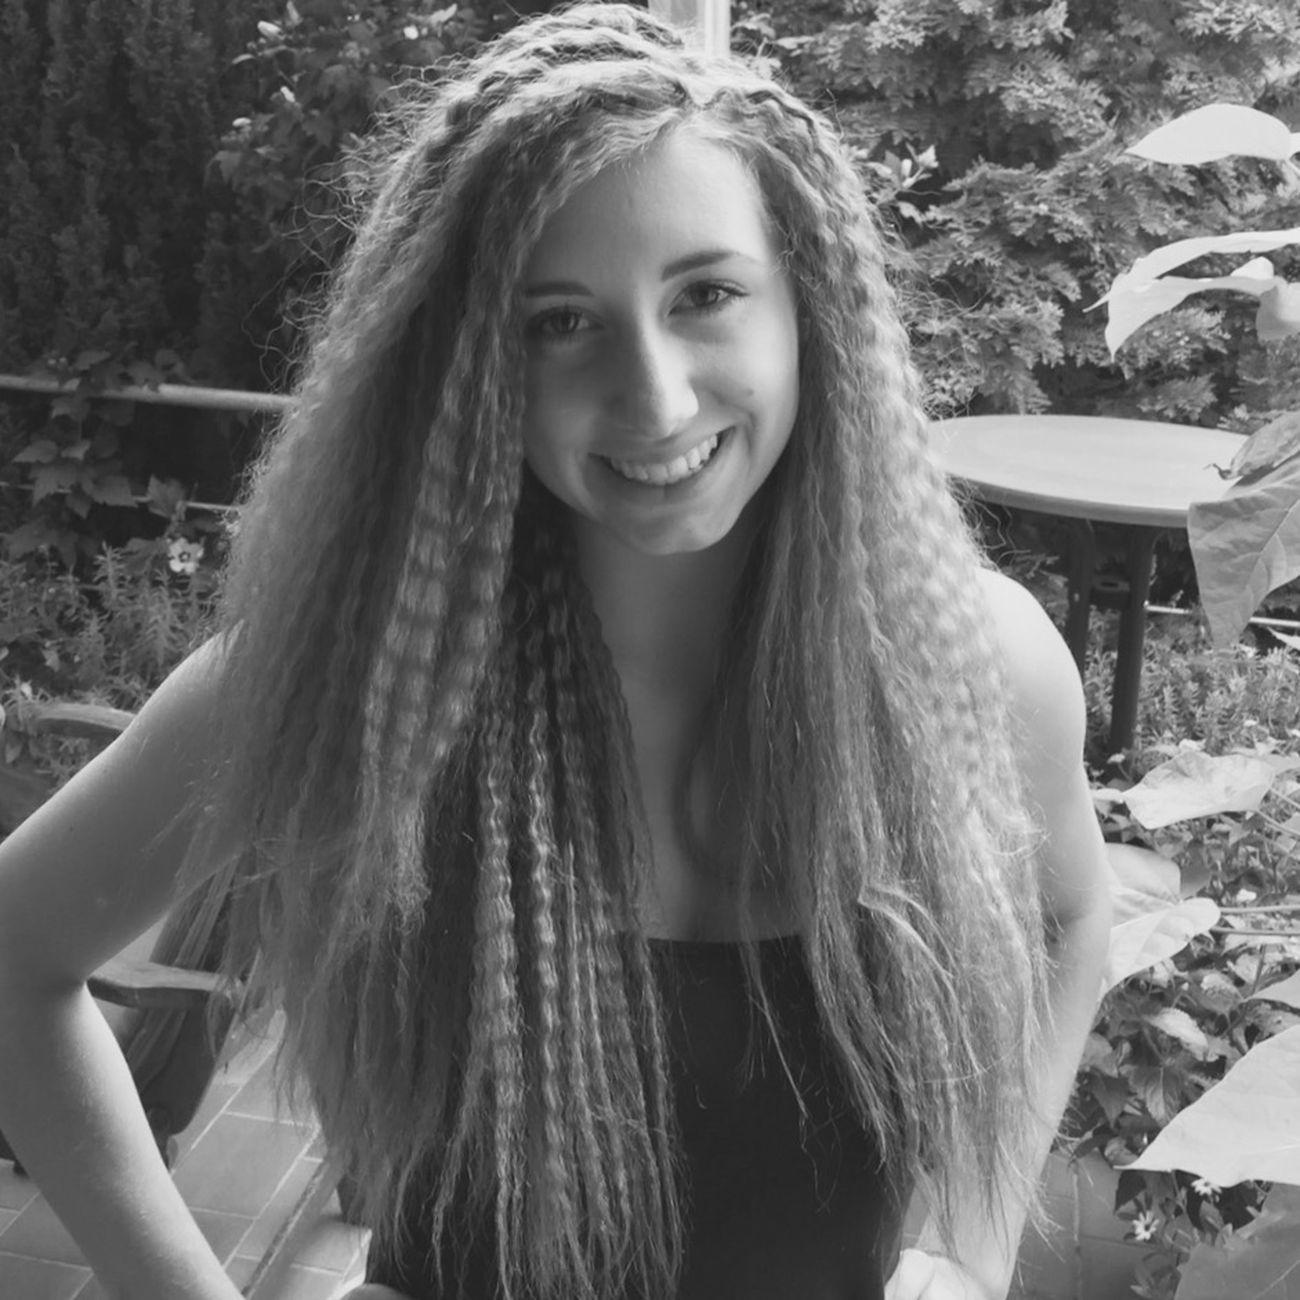 Haaaaaare Self Portrait Selfies Selfie ✌ Selfportrait Selfie Girl Blackandwhite Black And White Smile Hair